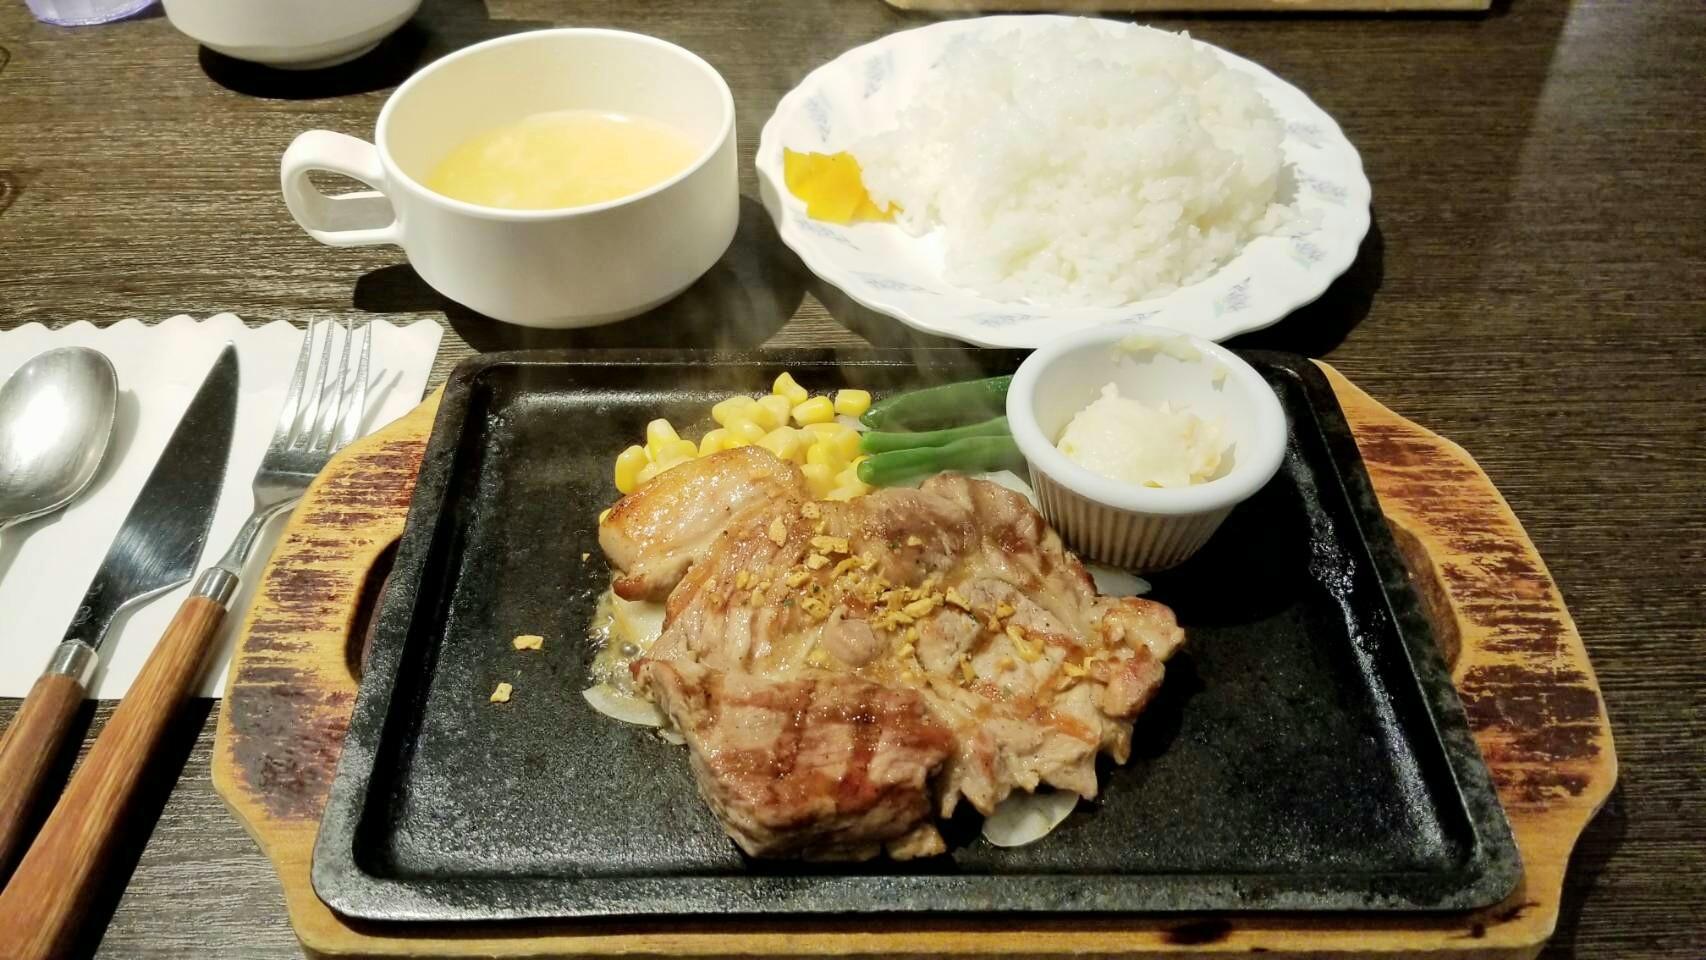 ランチパスポート愛媛松山市おいしい肉グルメおすすめ本ステーキ食堂